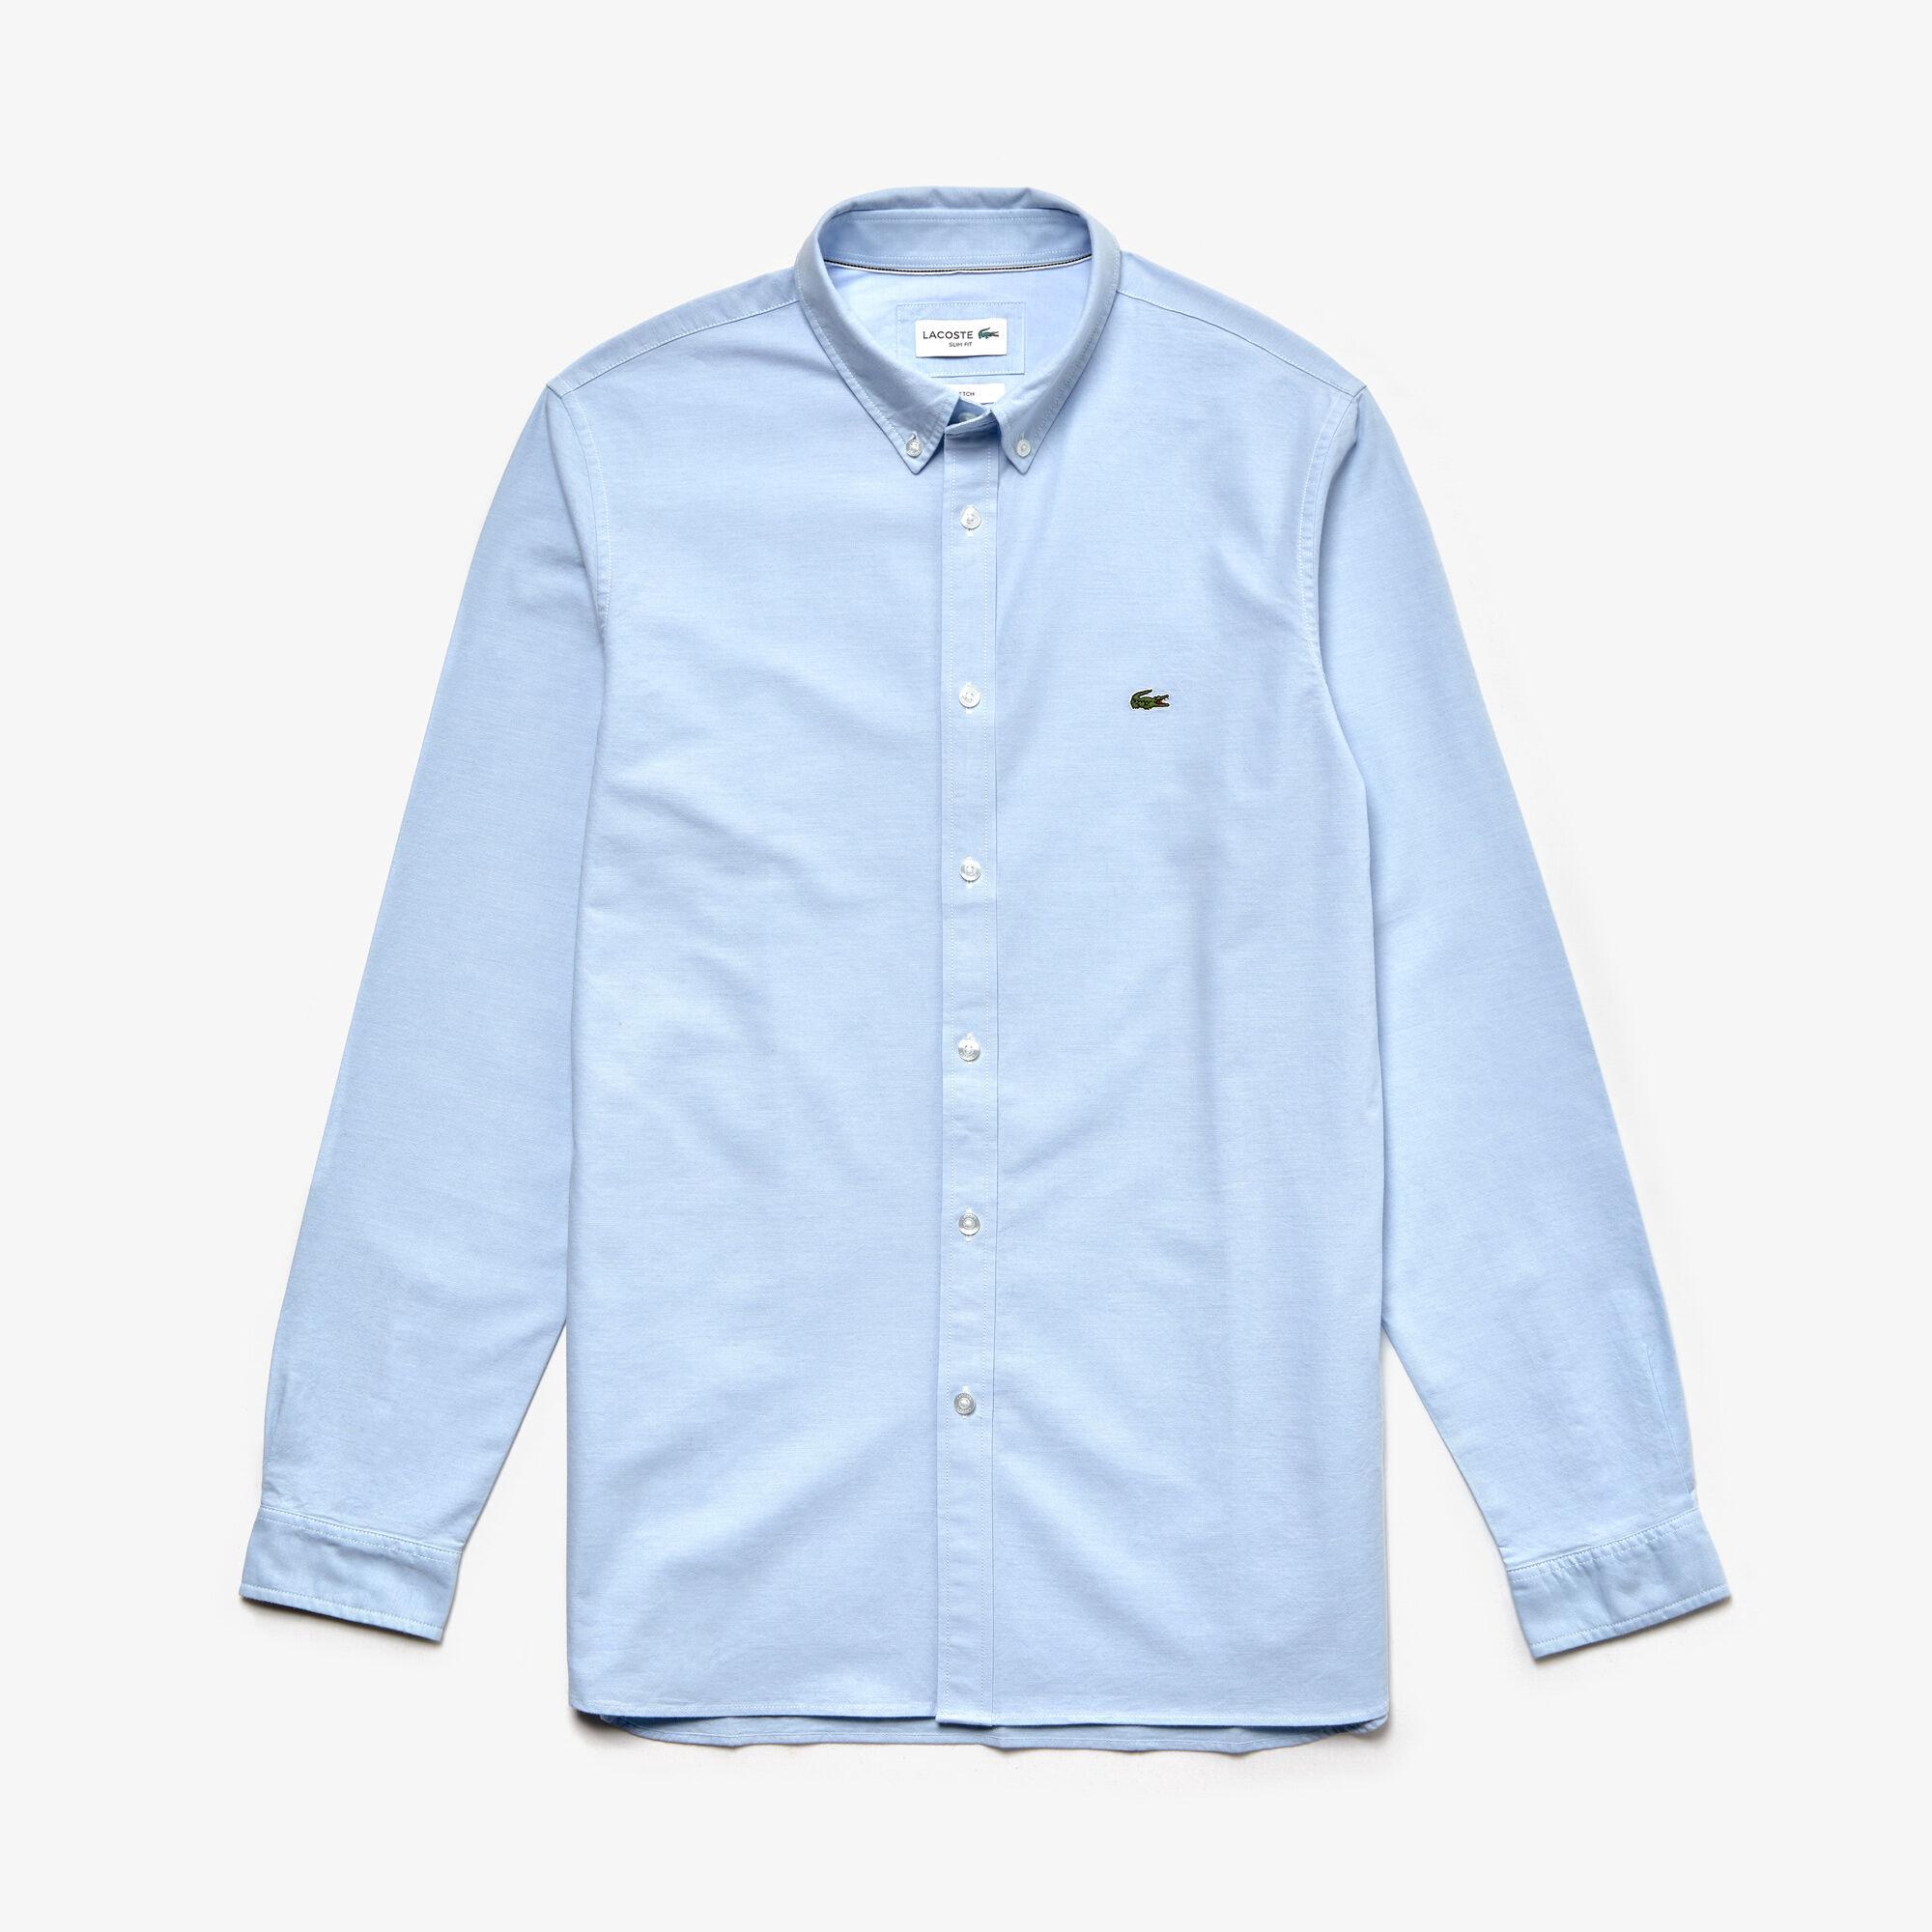 قميص للرجال ذو قصة ضيقة من قطن أوكسفورد المرن